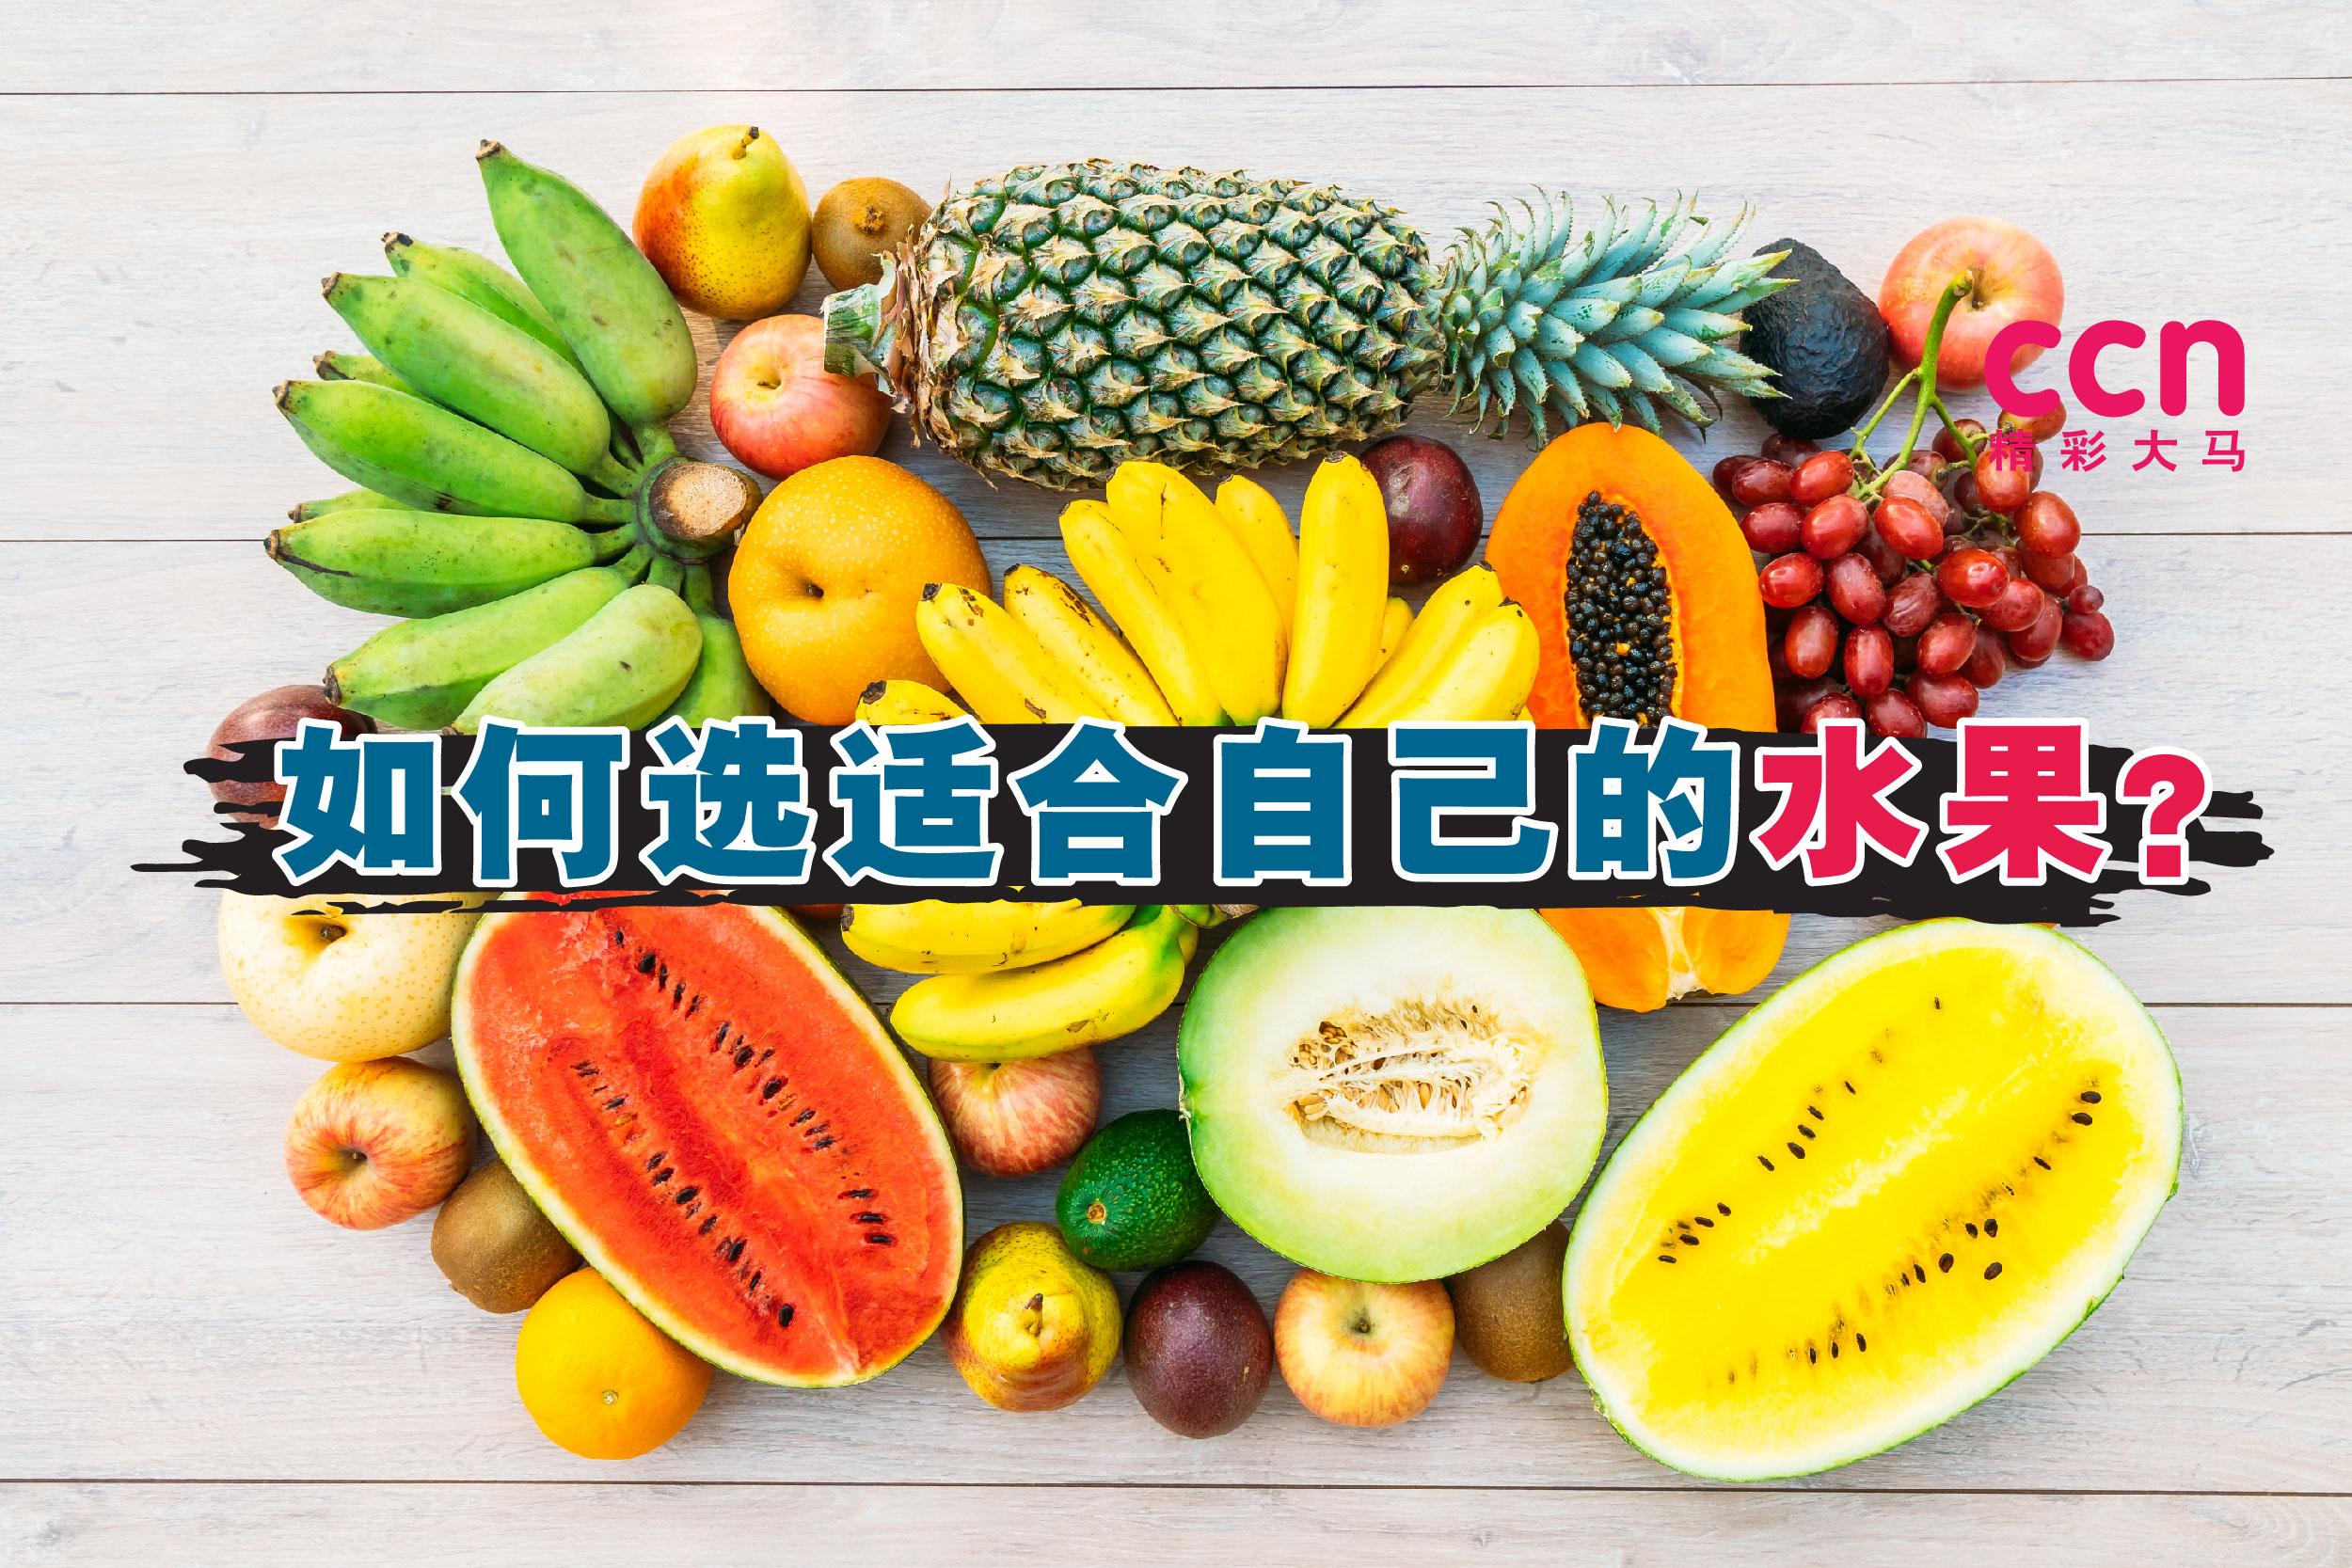 营养师王嘉慧表示,在考虑哪些水果适合自己吃的时候,建议先了解自己的体质和健康状况来挑选水果。-图取自freepik/精彩大马制图-